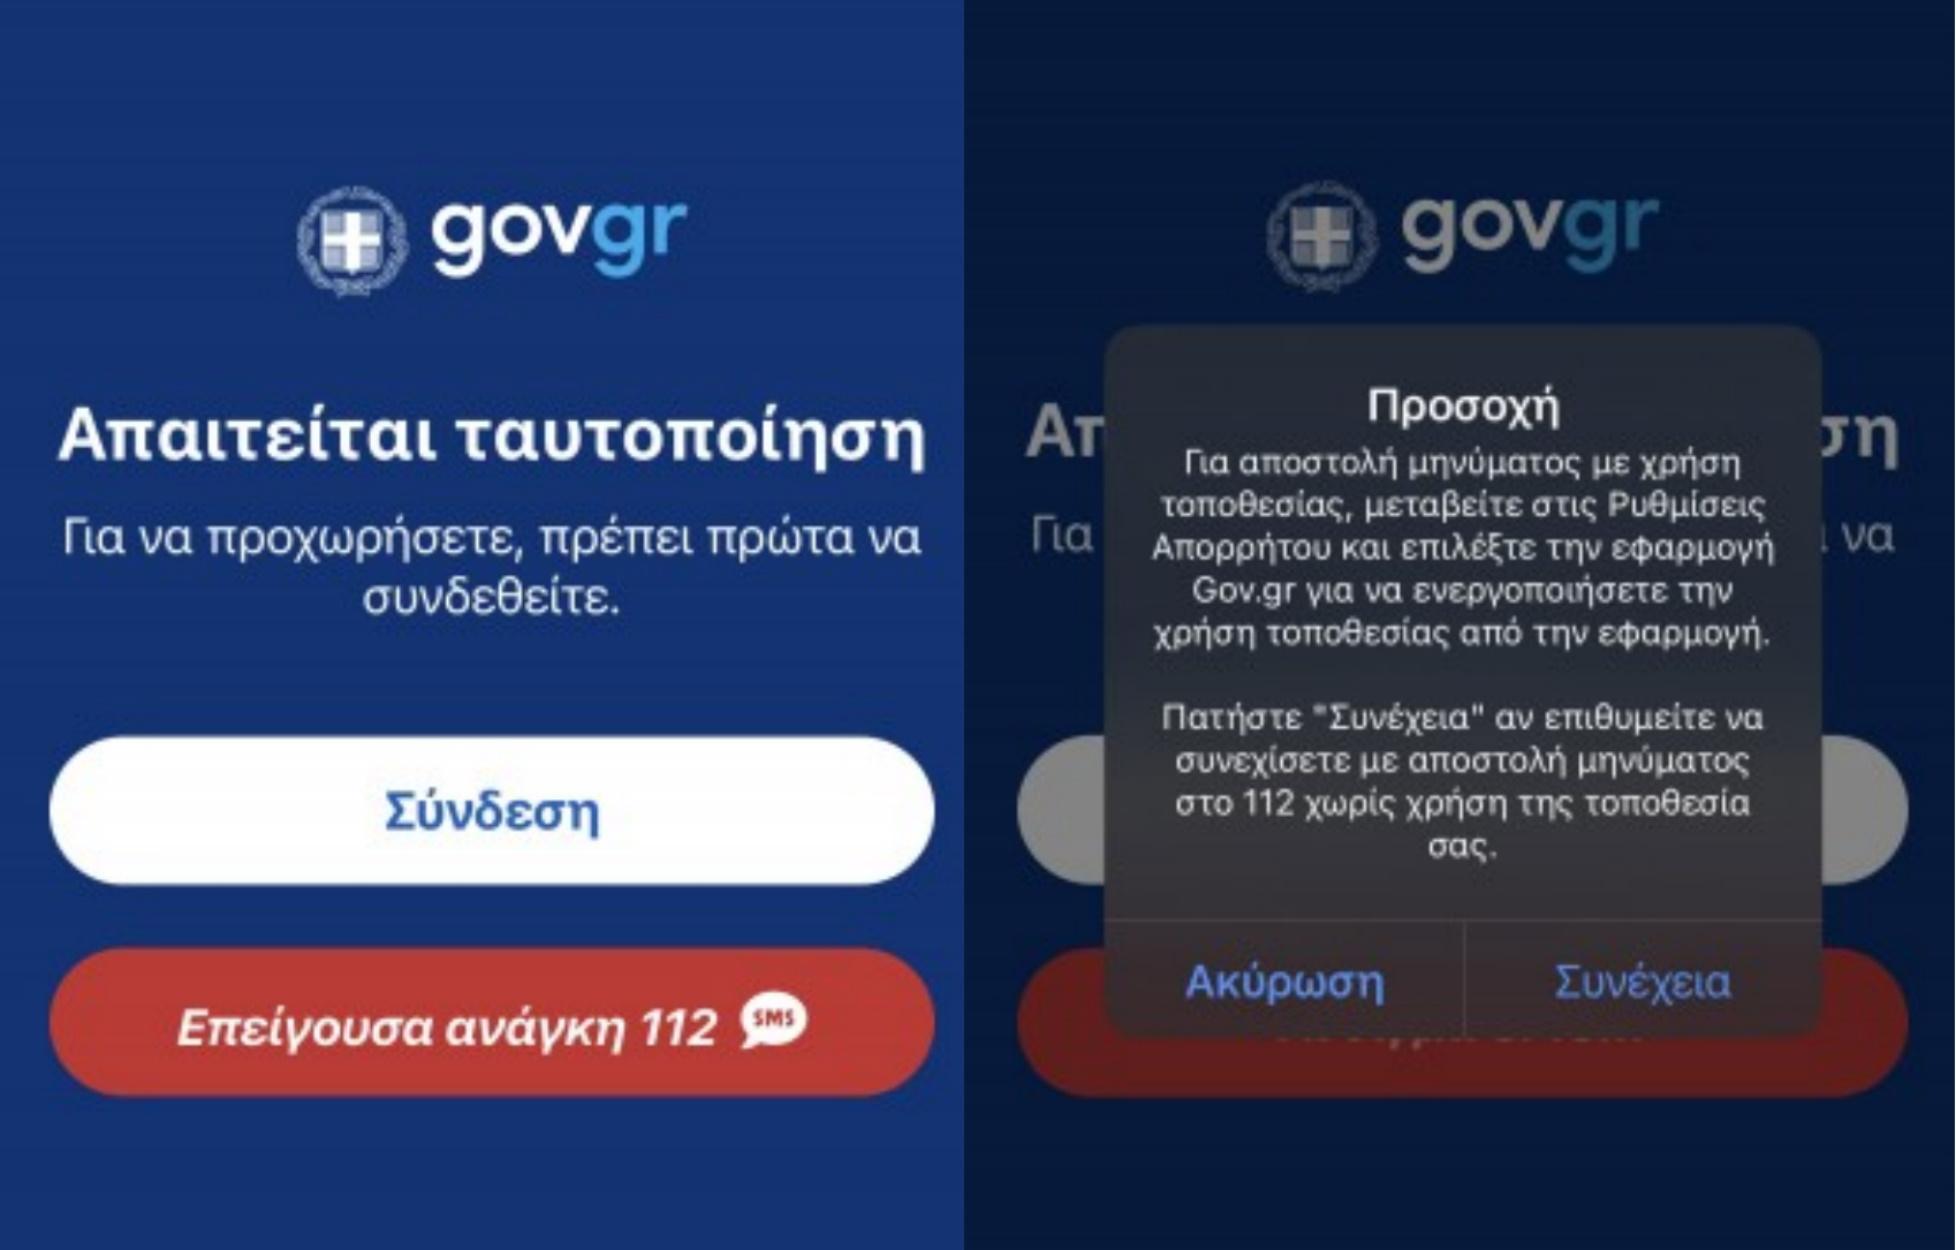 Πως θα στείλετε SMS στο 112 μέσω gov.gr σε περίπτωση έκτακτης ανάγκης